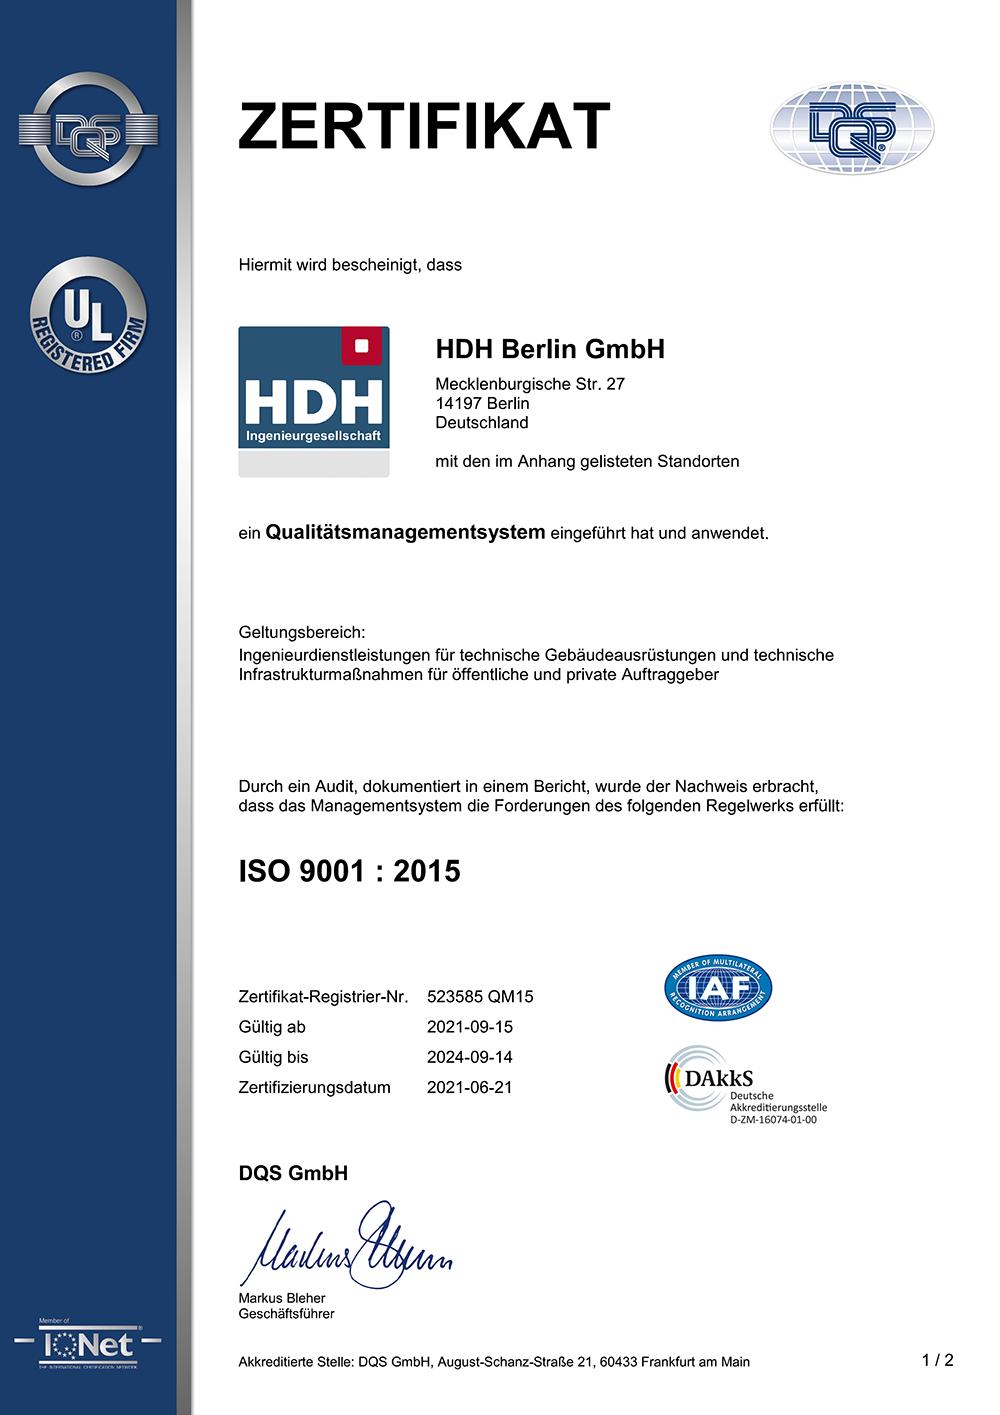 ISO 9001 : 2015 Zertifizierung